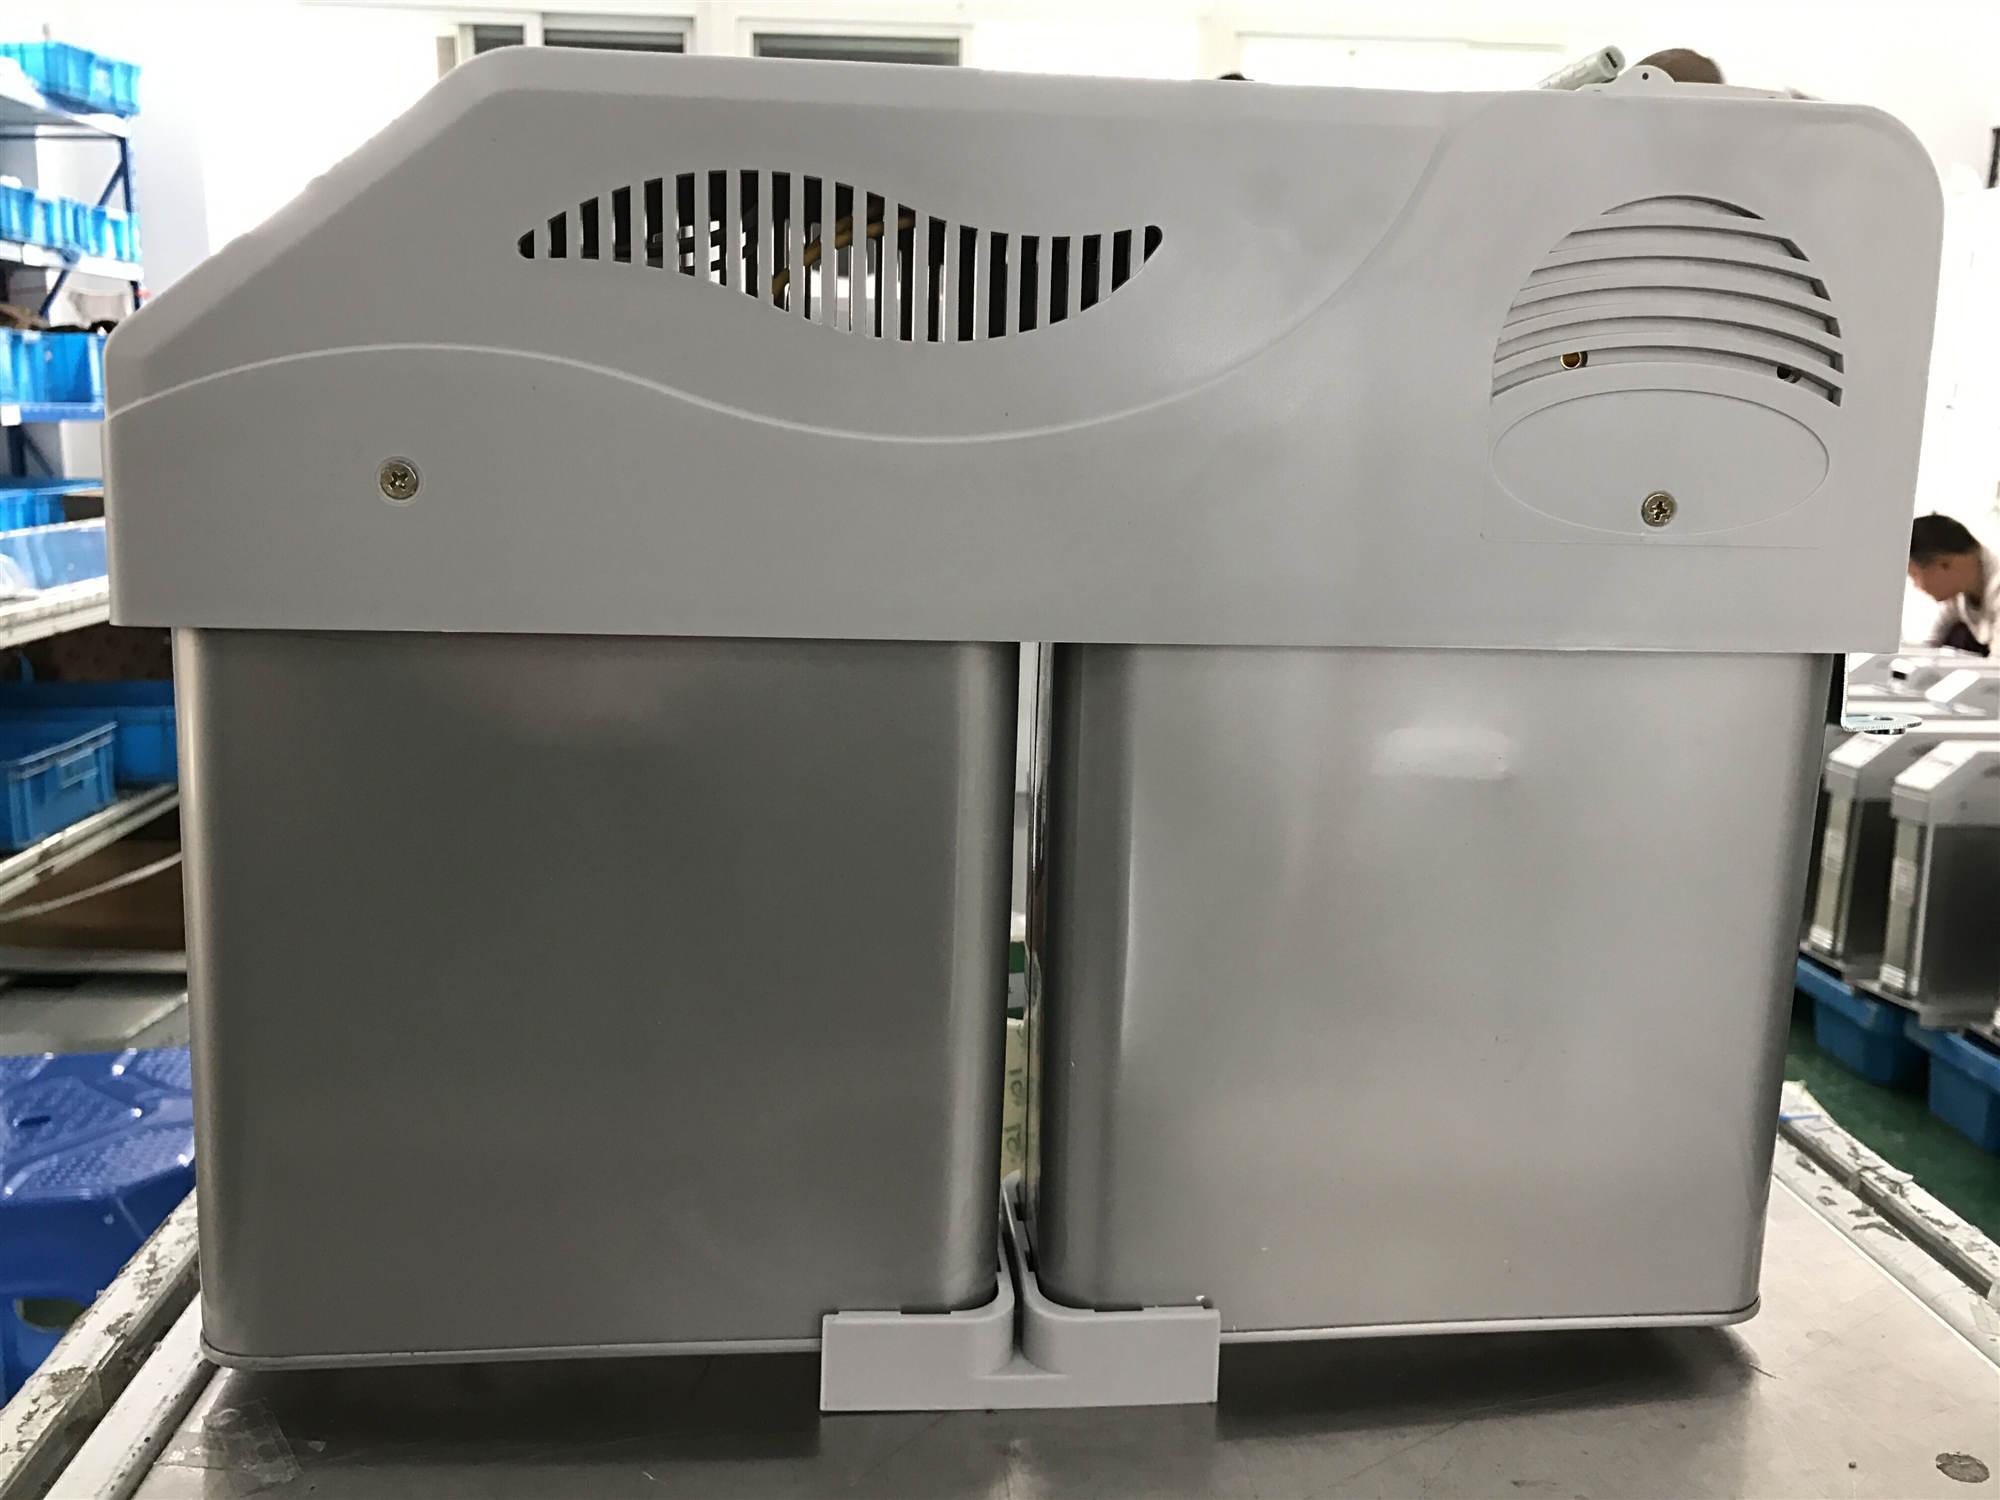 莱芜DV950-1R5G-T2 高性能矢量变频器高清图